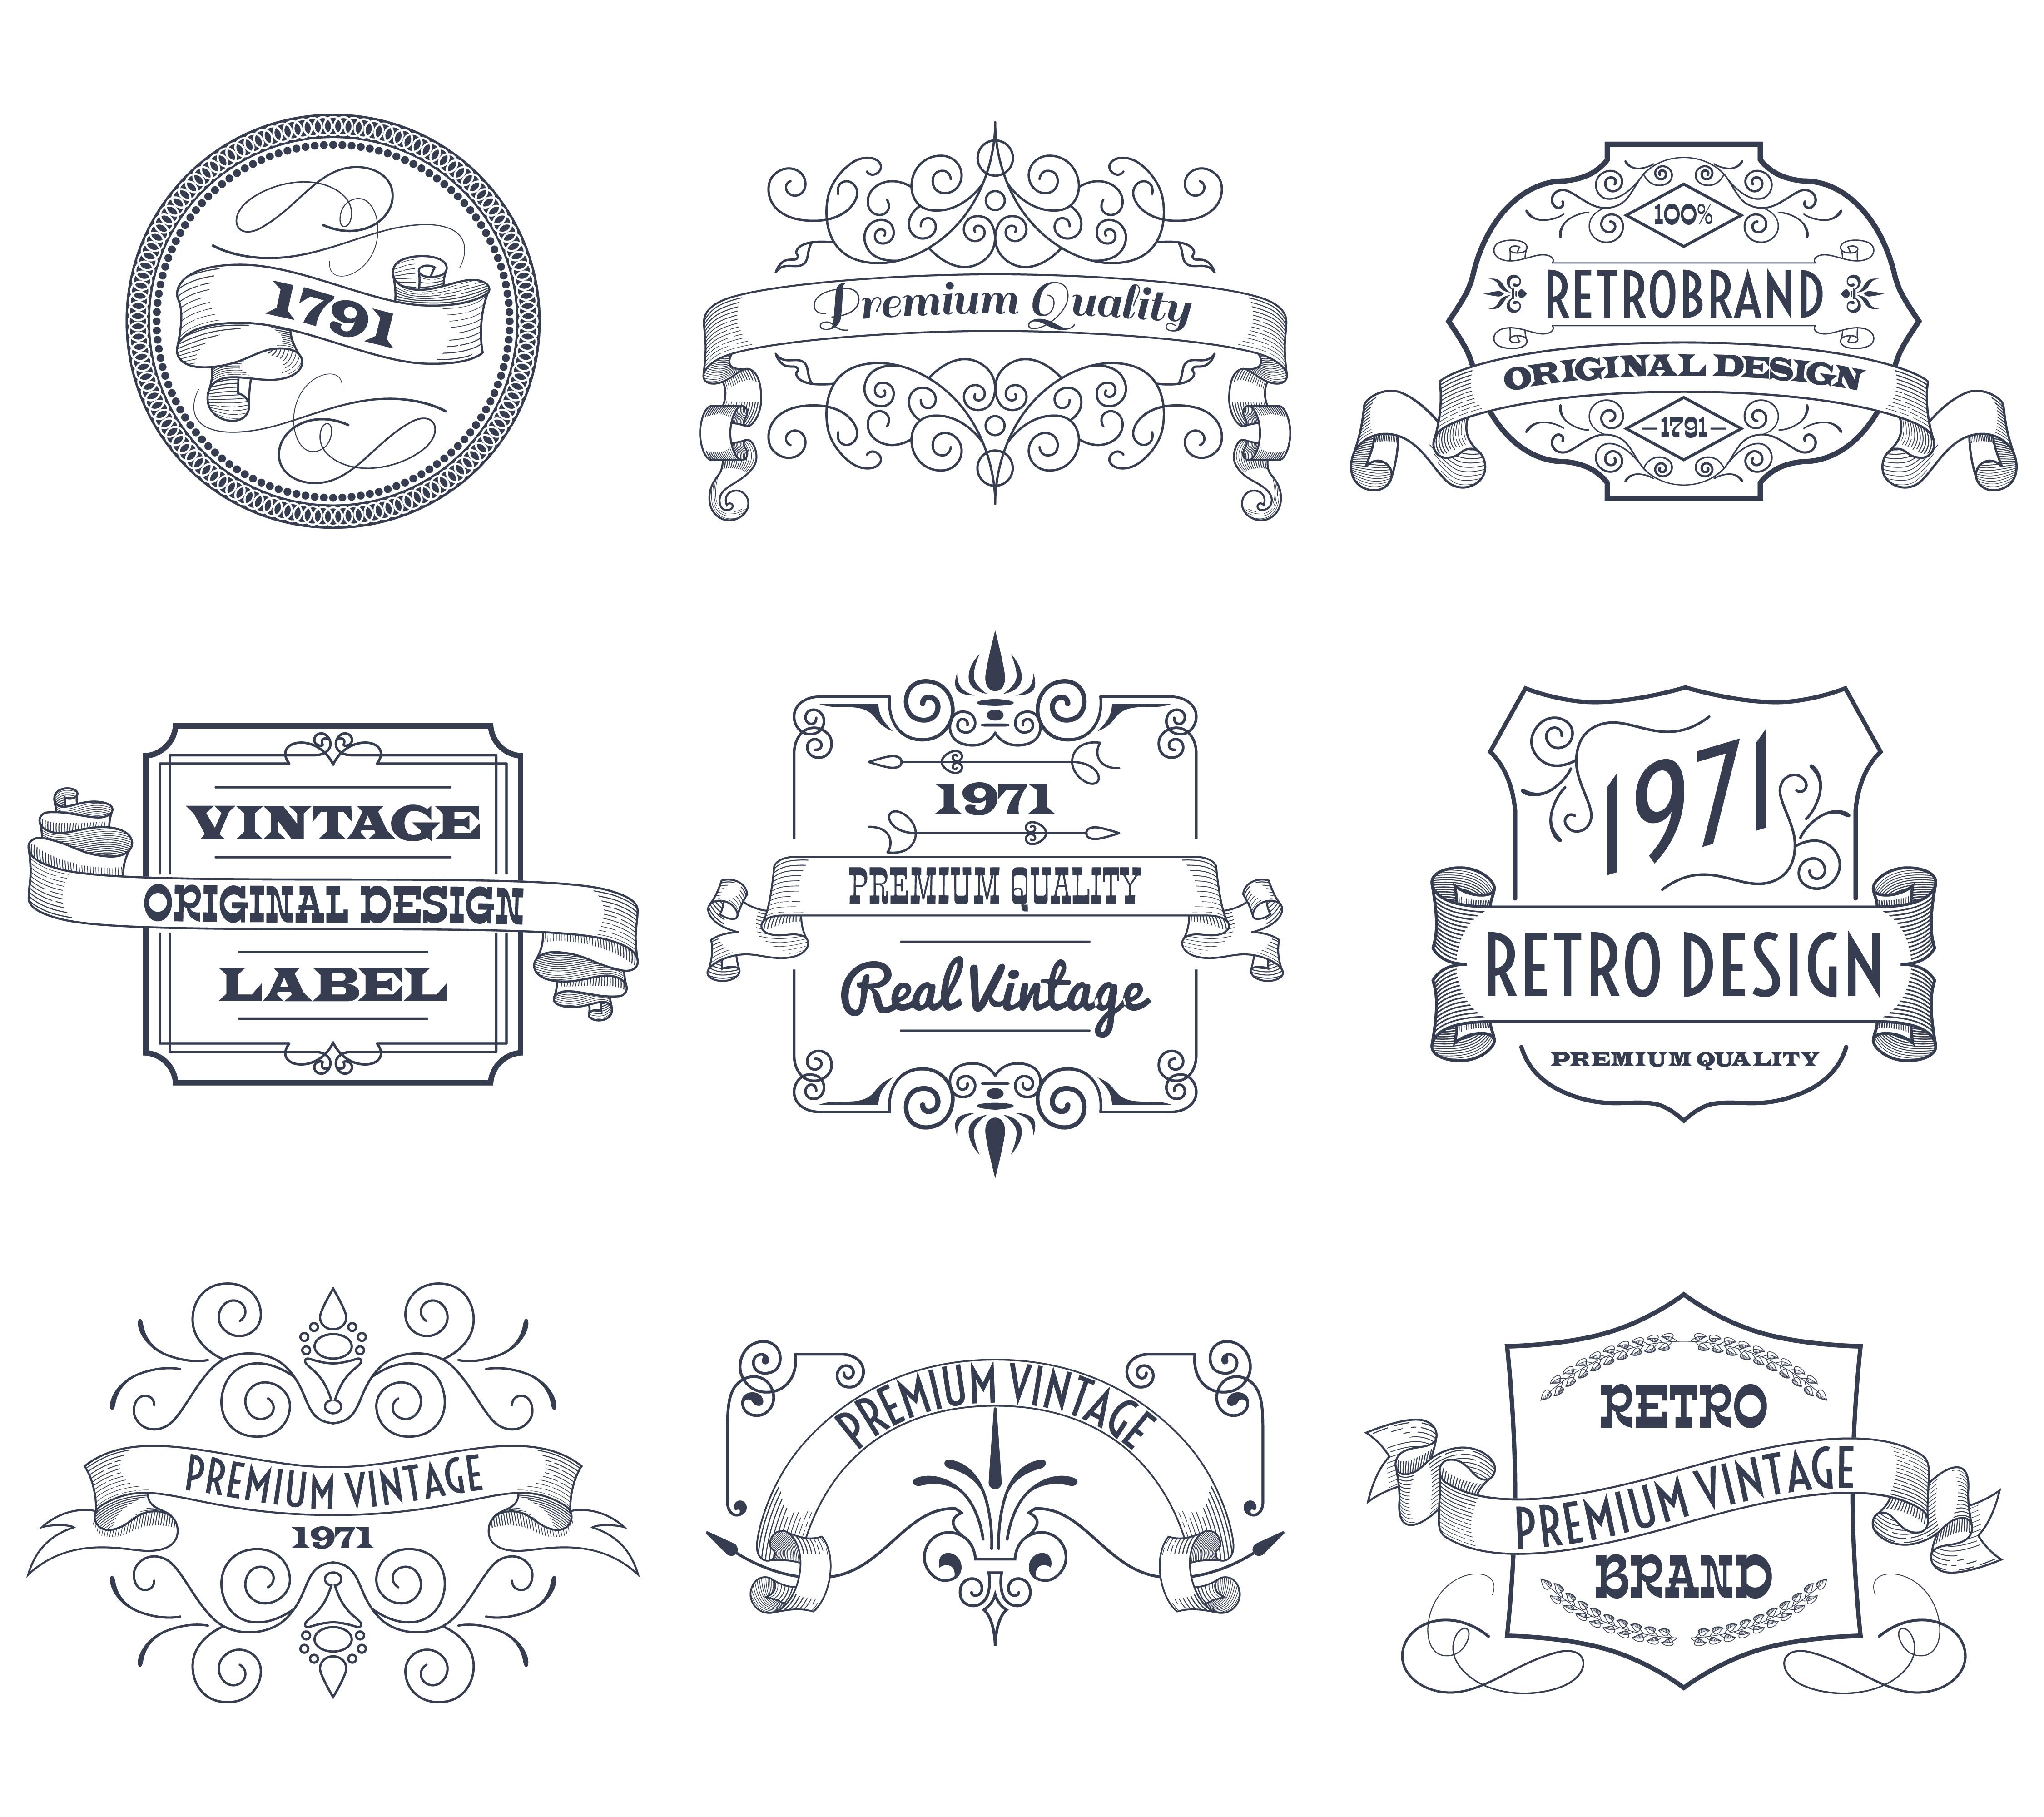 Vintage Premium Product Flat Badges Set